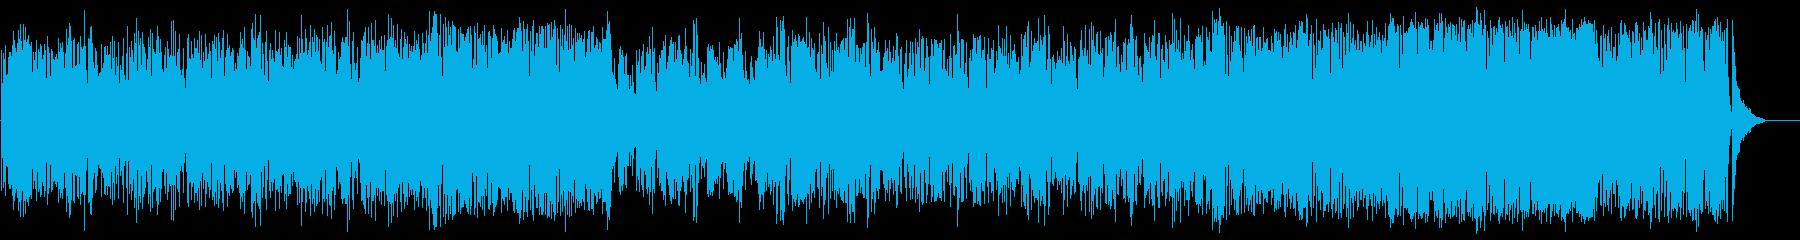 春の陽射しのフュージョン(フルサイズ)の再生済みの波形